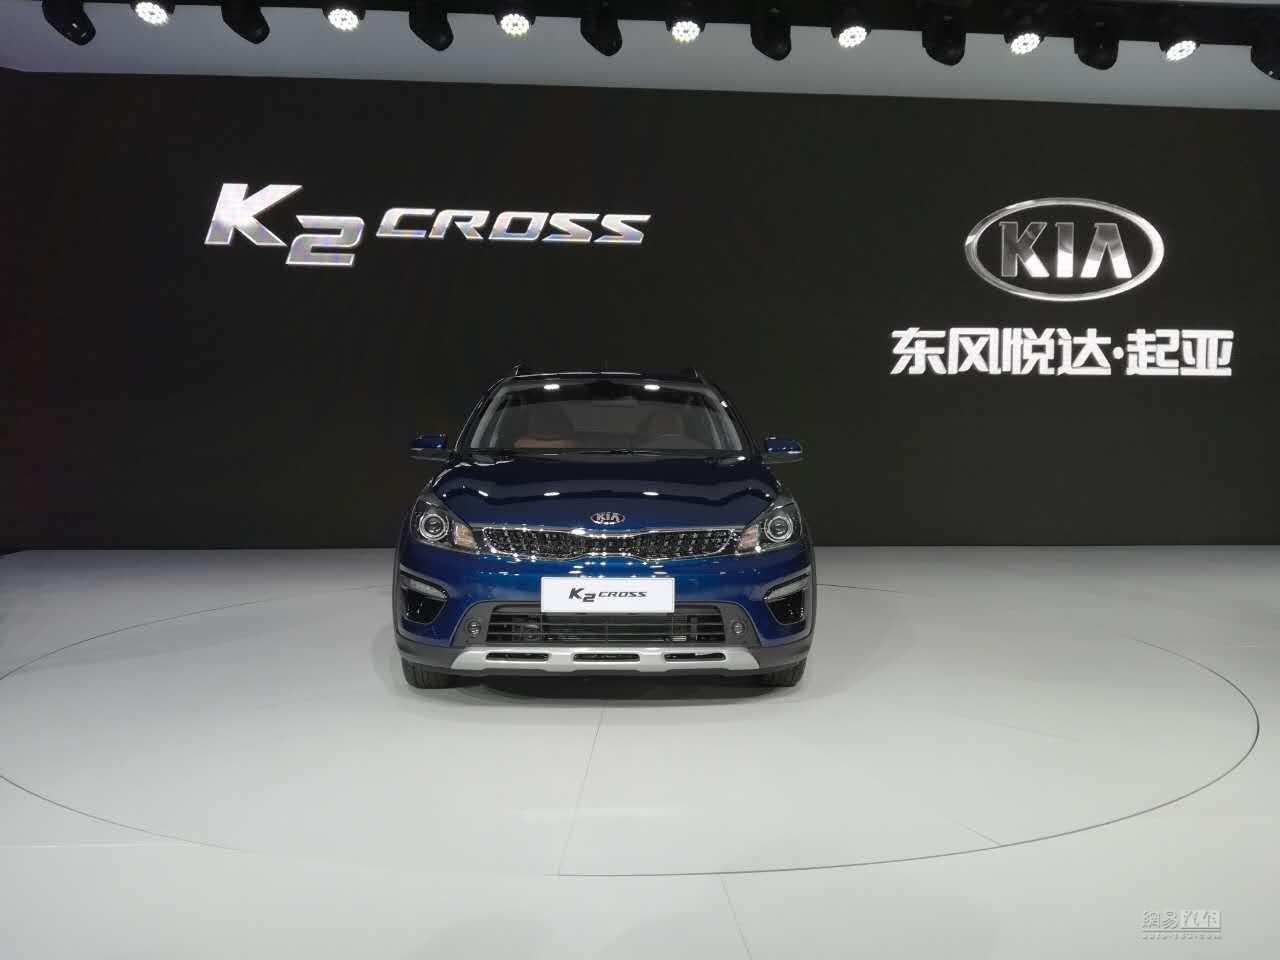 2017上海车展:起亚K2 CROSS首发亮相